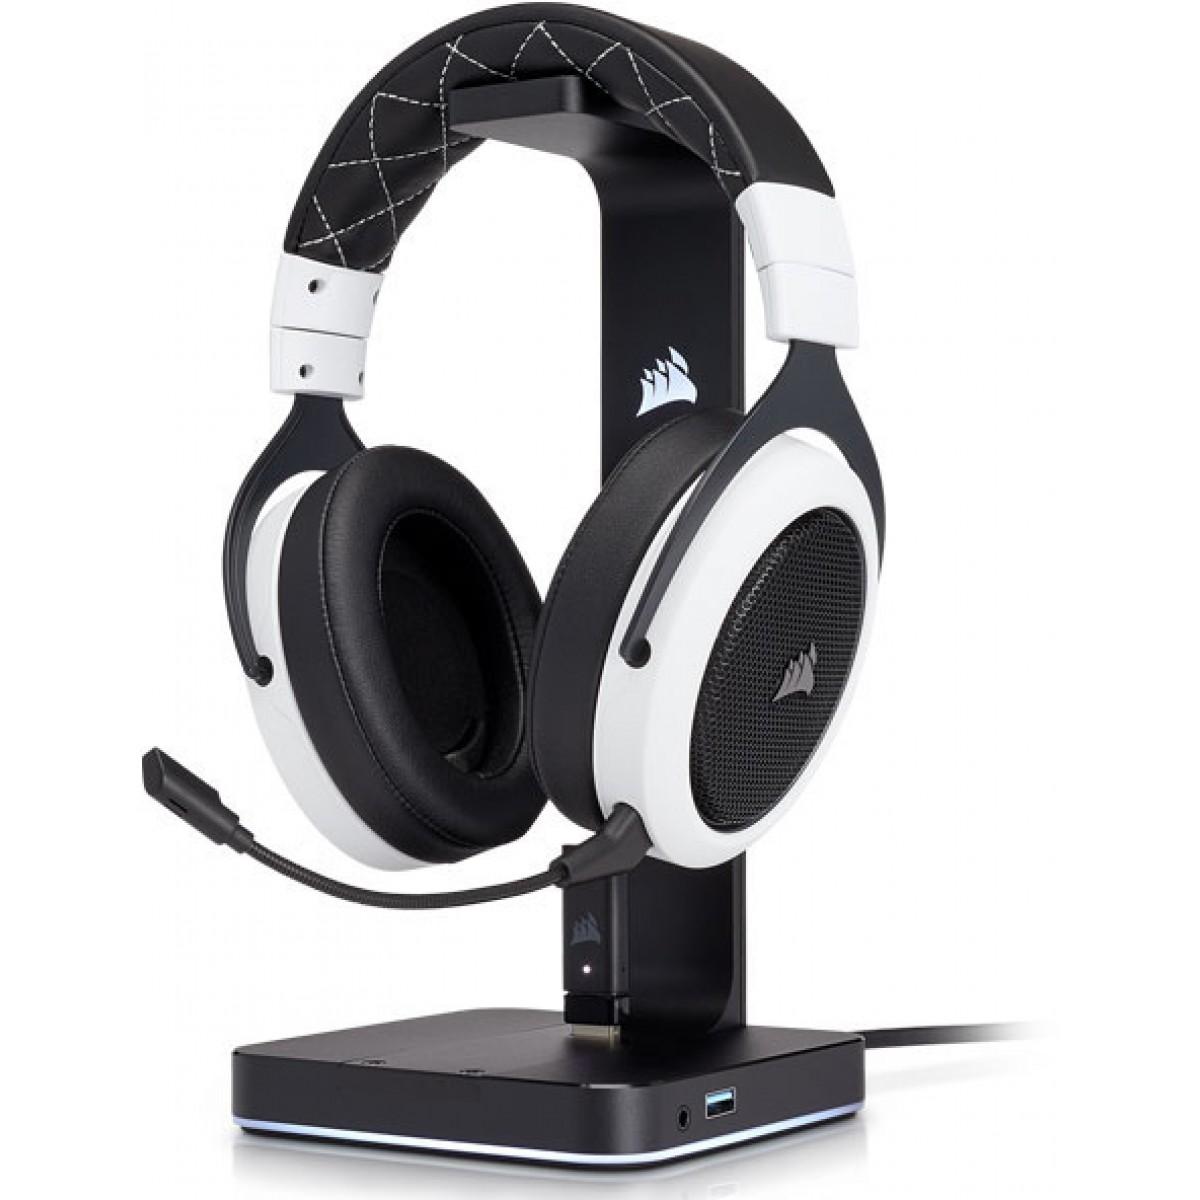 Headset Gamer Corsair HS70 Wireless 7.1 USB CA-9011177-NA Preto/Branco - Open Box